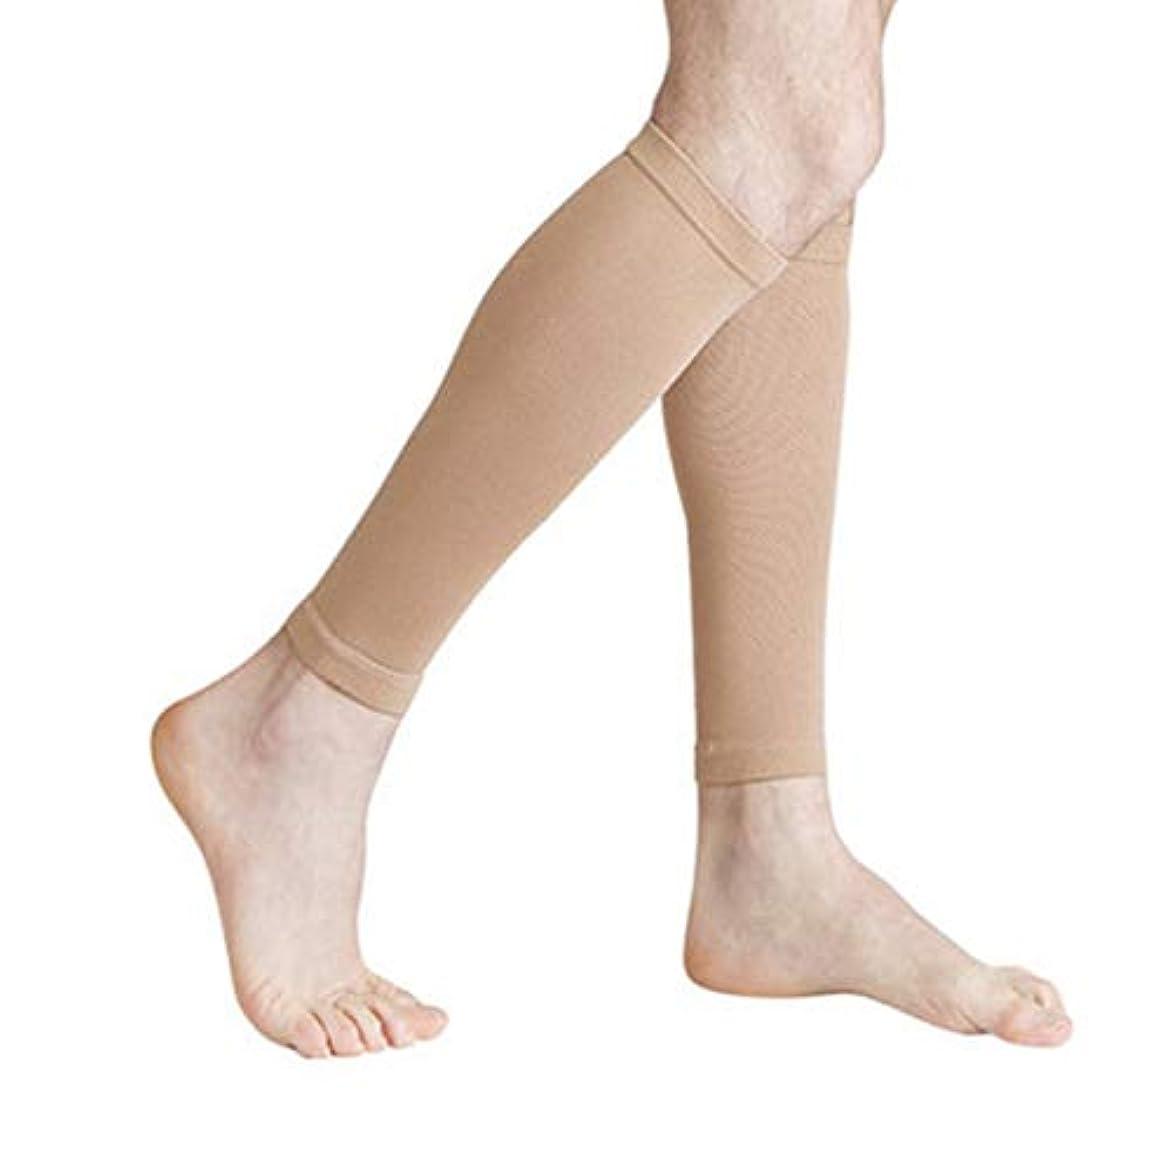 エール財政溶融丈夫な男性女性プロの圧縮靴下通気性のある旅行活動看護師用シントスプリントフライトトラベル - 肌色